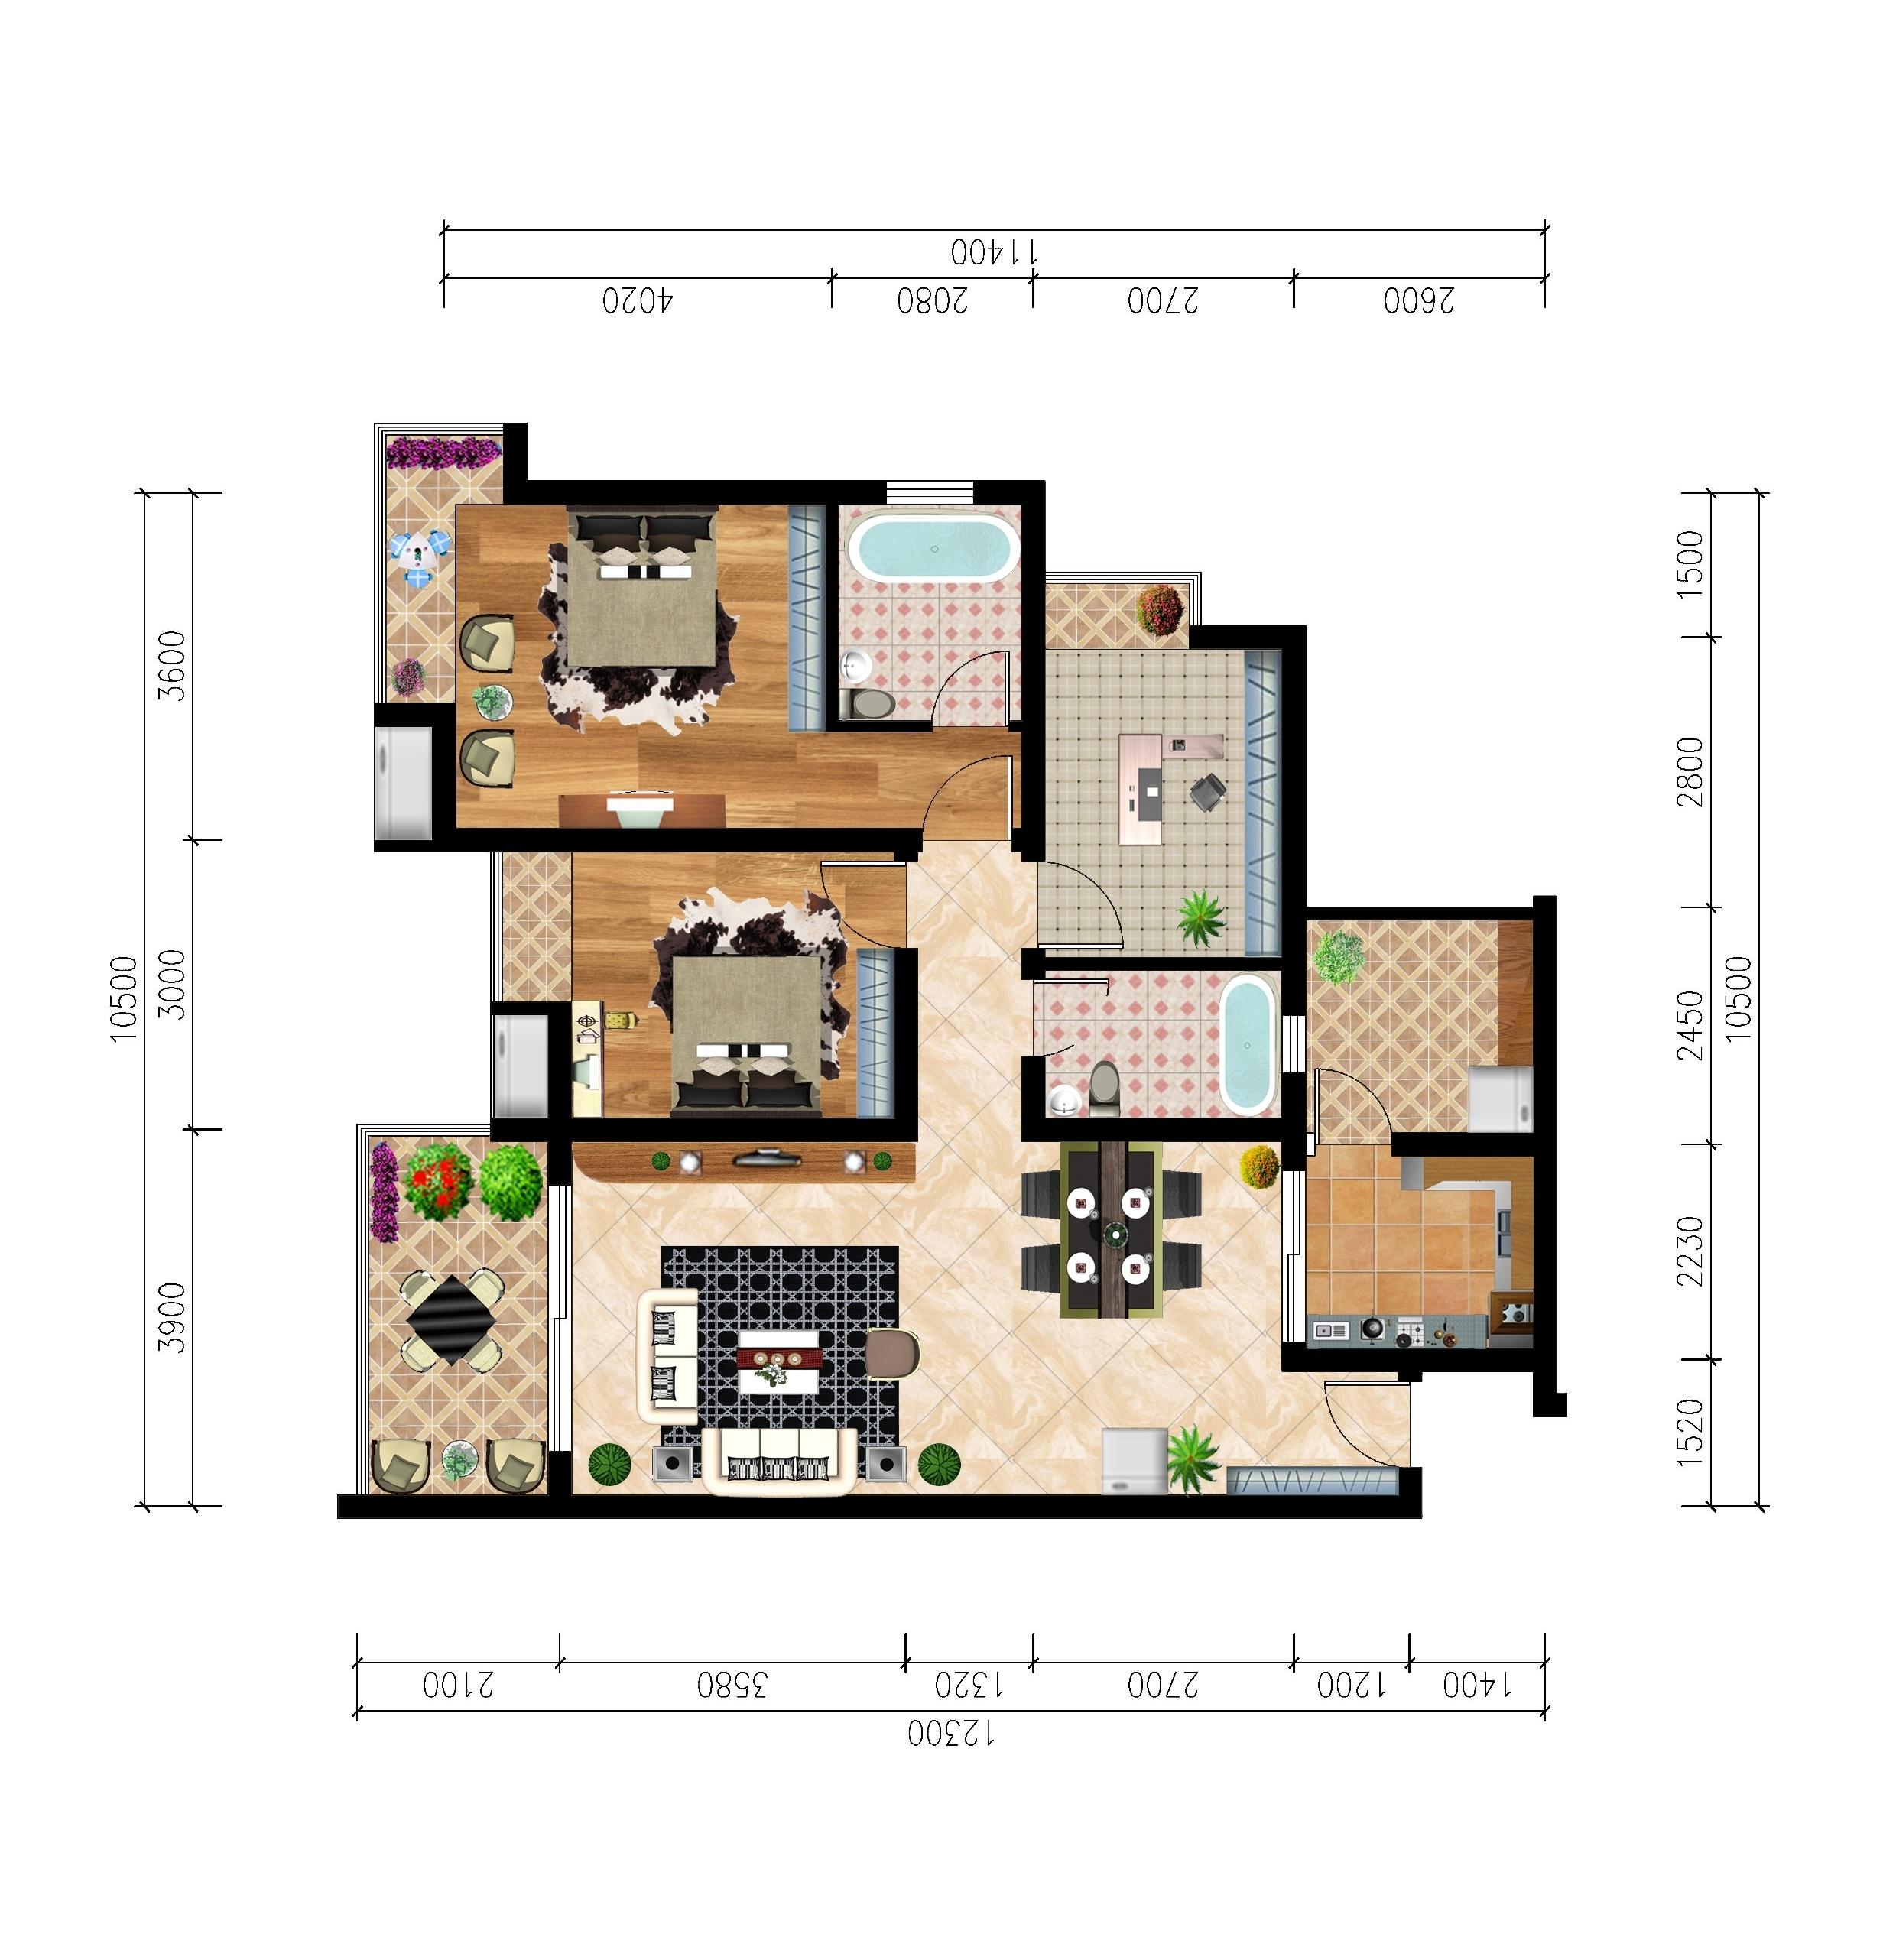 室内平面图_室内平面图设计图纸